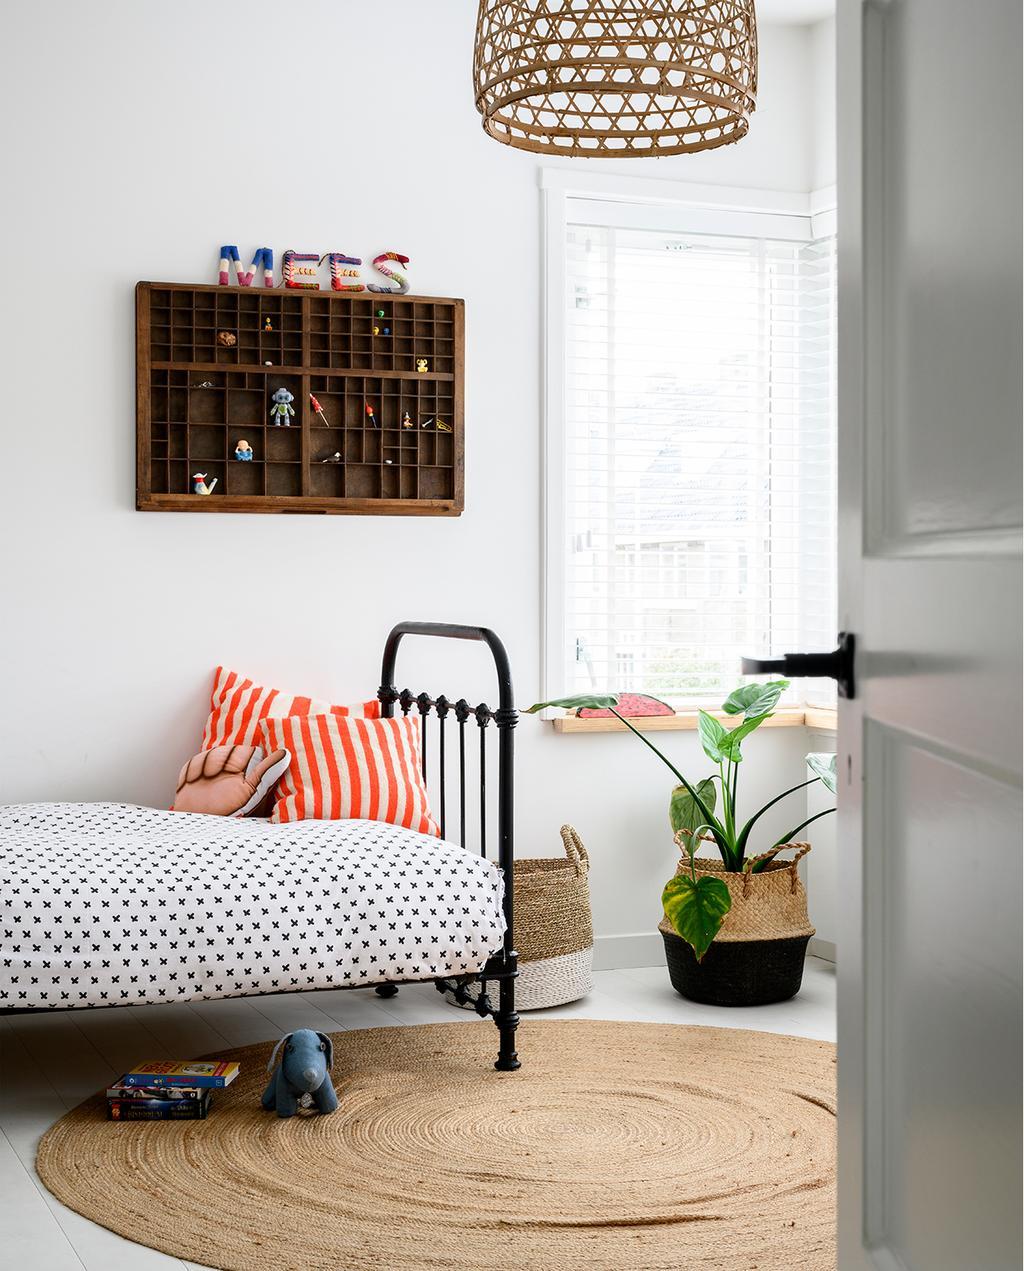 vtwonen 05-2020 | riant familiehuis Breda kinderkamer met eenpersoons bed